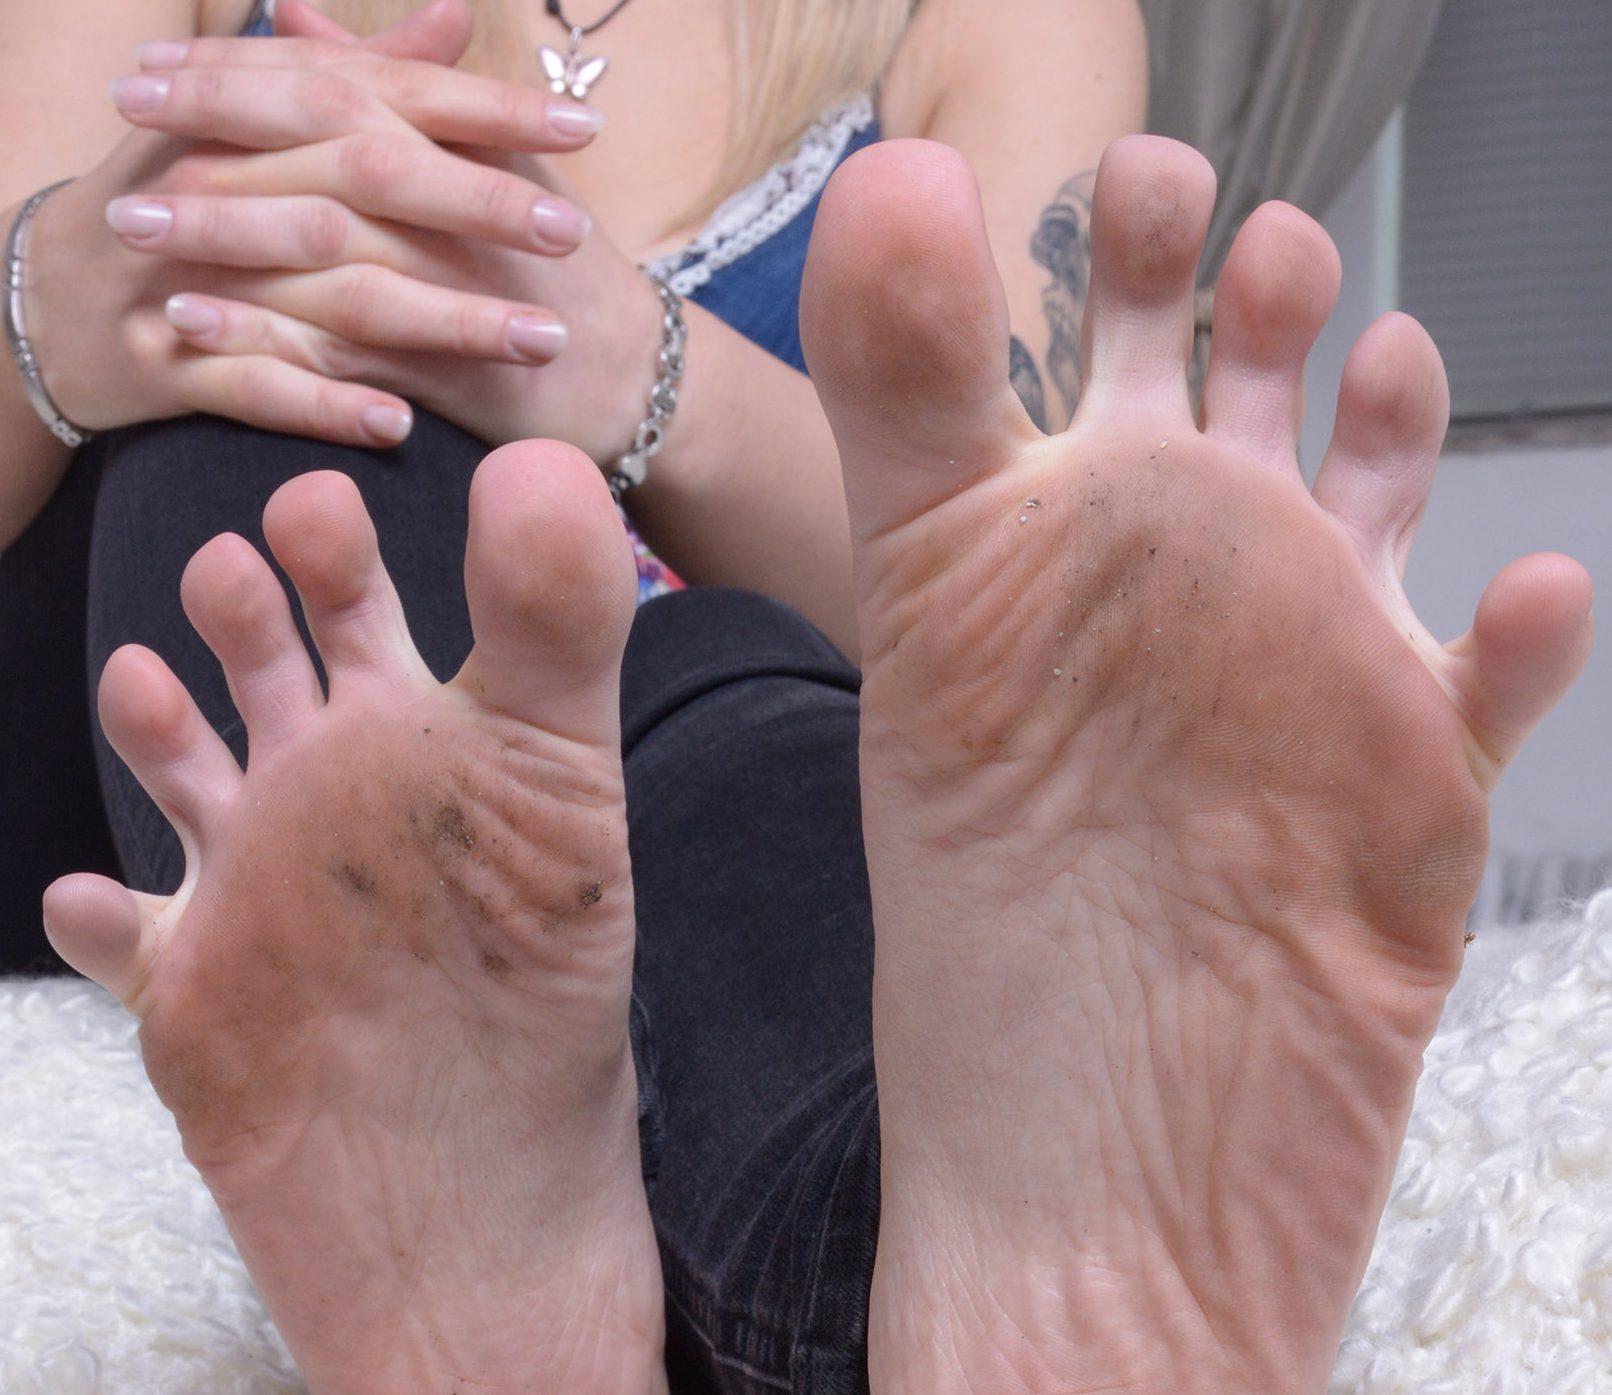 Leck ihre schmutzigen Füße